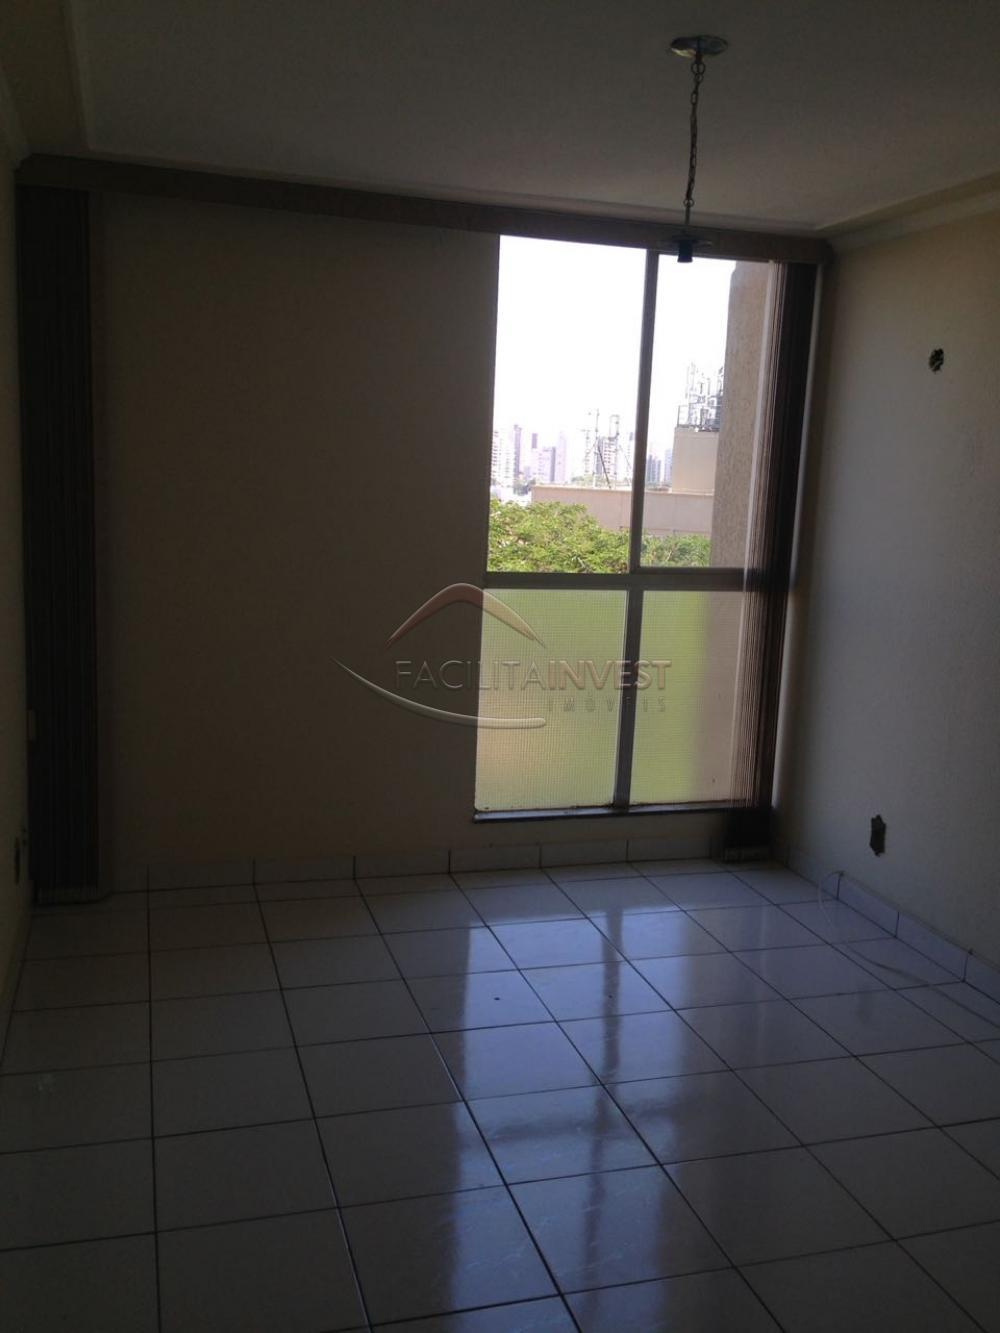 Comprar Apartamentos / Apart. Padrão em Ribeirão Preto apenas R$ 240.000,00 - Foto 2